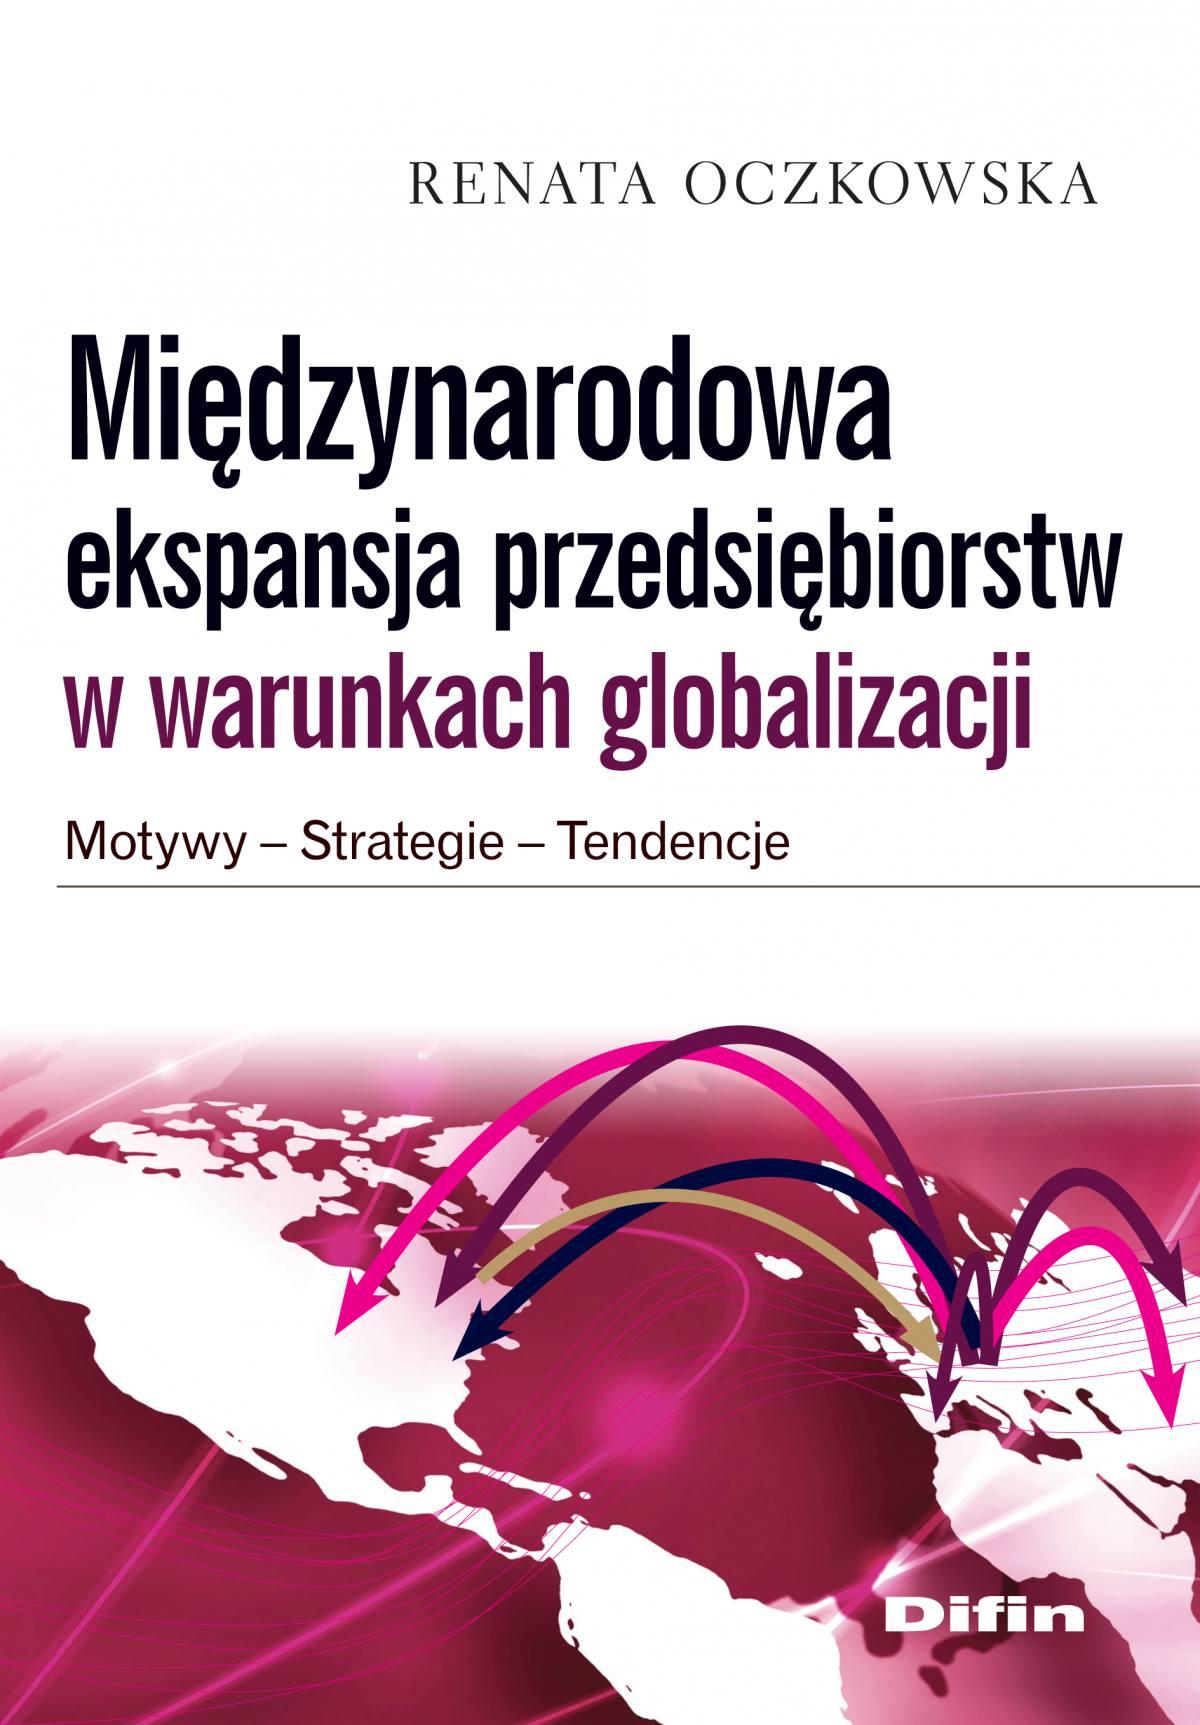 Międzynarodowa ekspansja przedsiębiorstw w warunkach globalizacji. Motywy, strategie, tendencje - Ebook (Książka EPUB) do pobrania w formacie EPUB